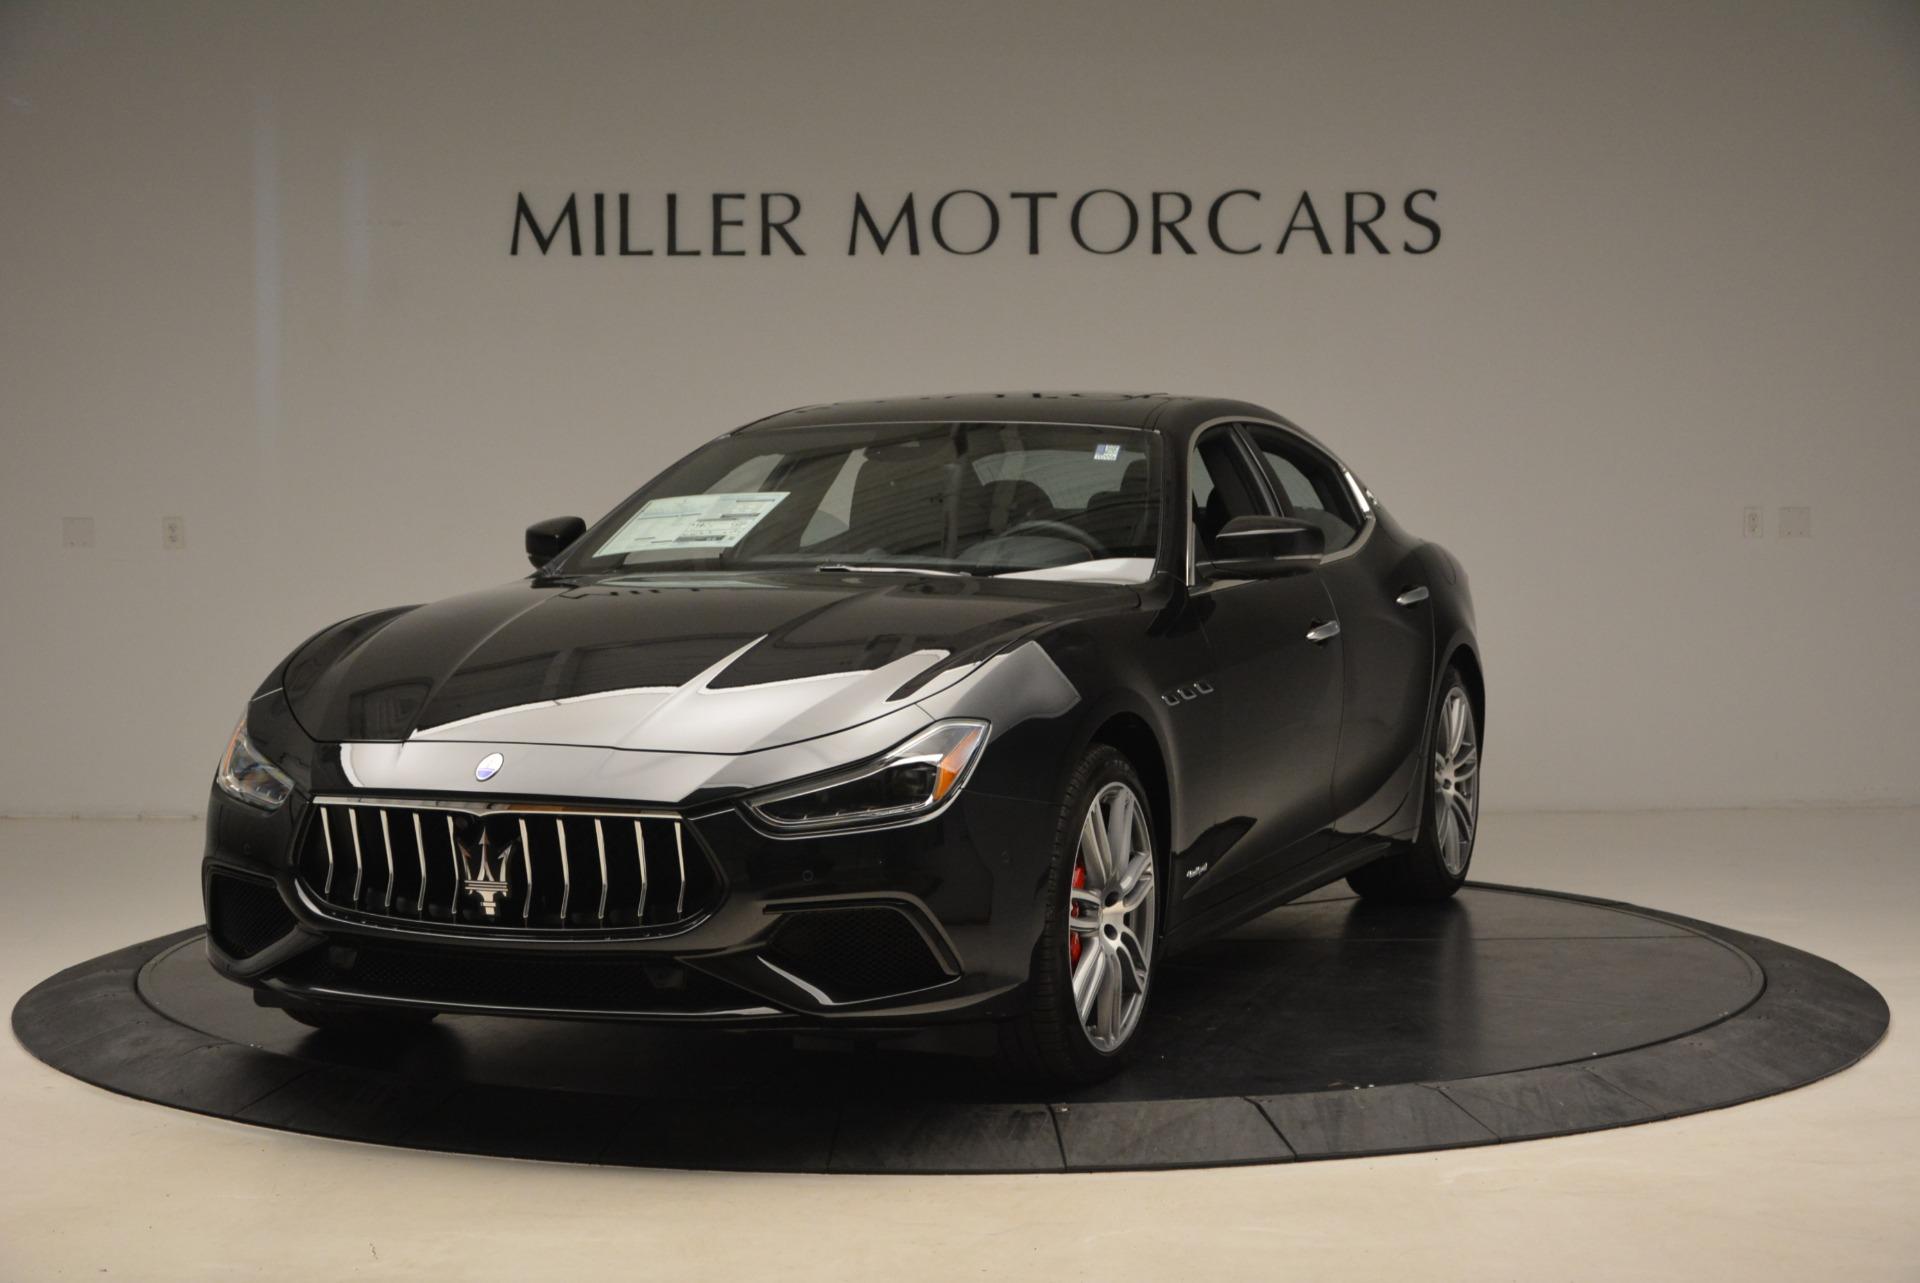 New 2019 Maserati Ghibli S Q4 GranSport For Sale In Westport, CT 2615_main